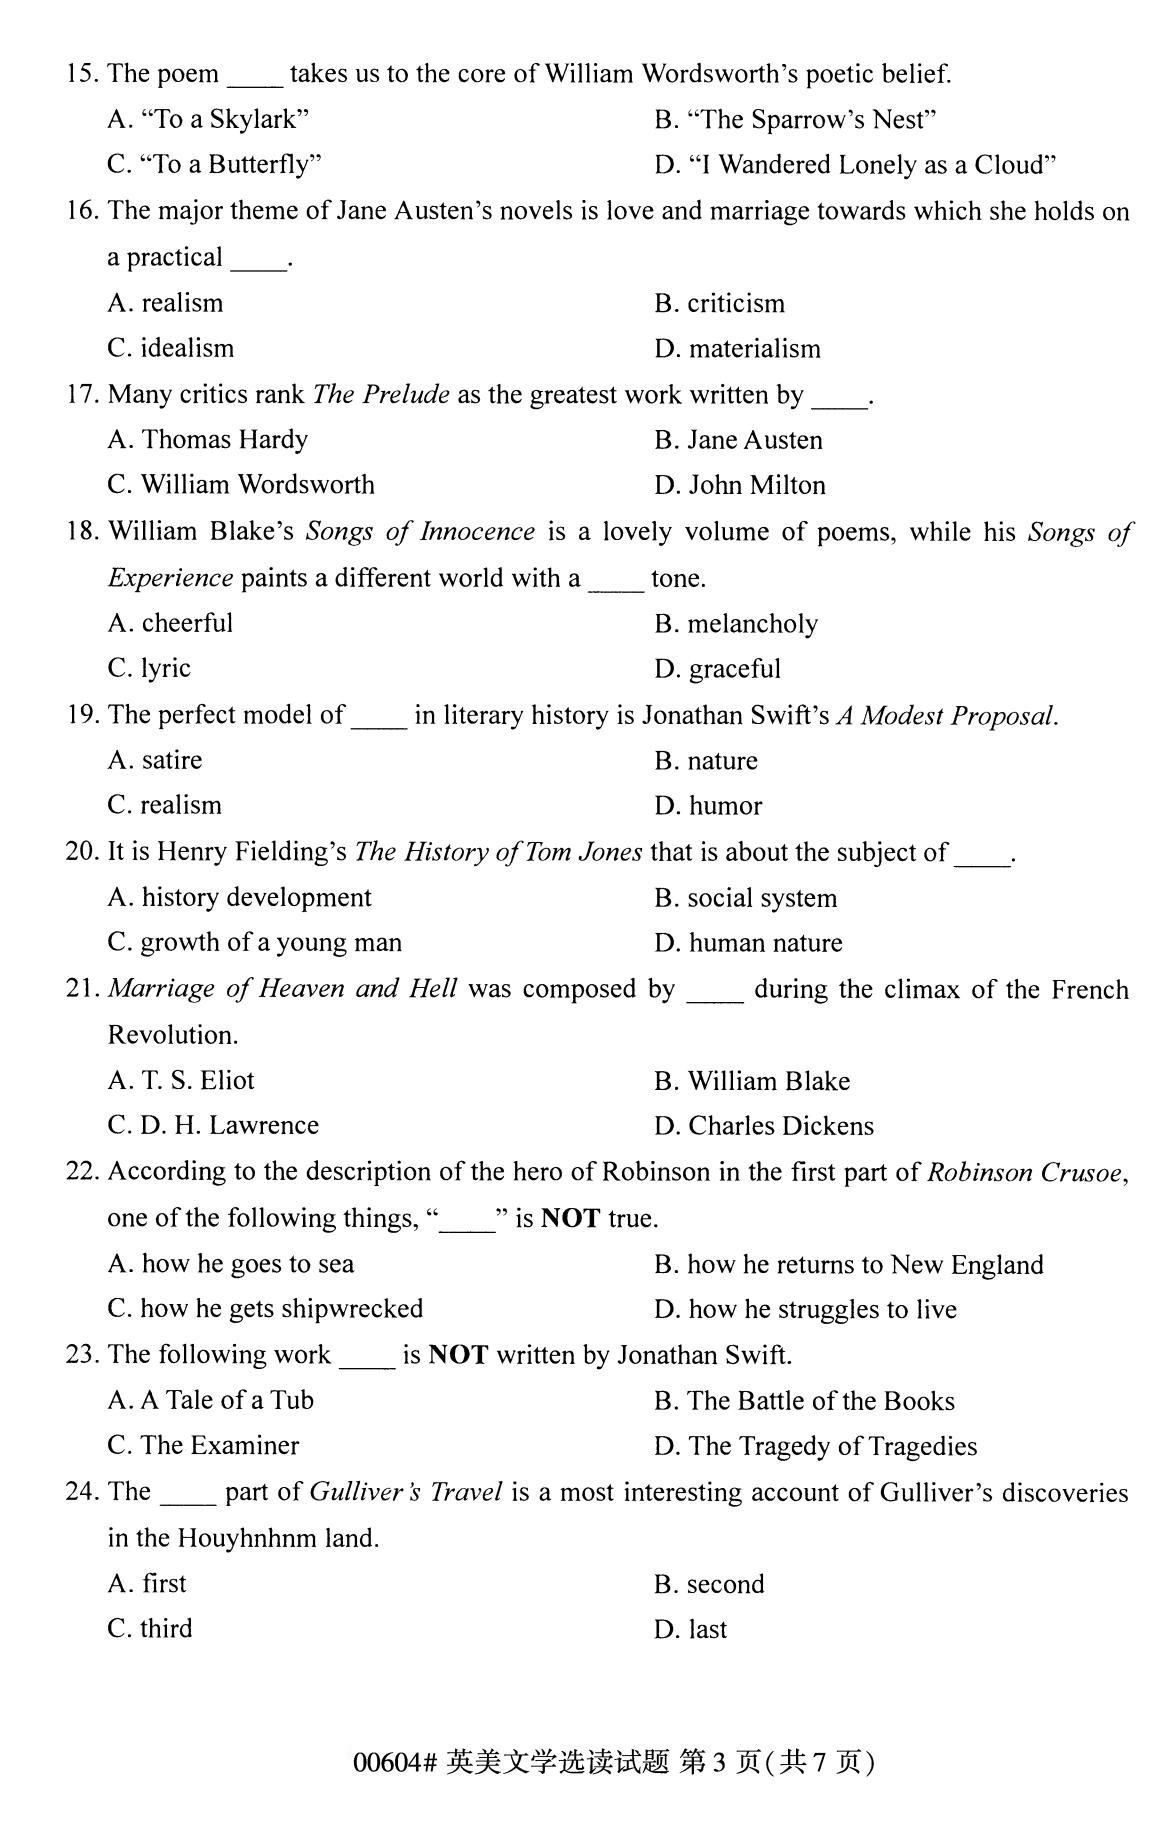 浙江自考本科复习资料:2020年8月自考00604英美文学选读试题3